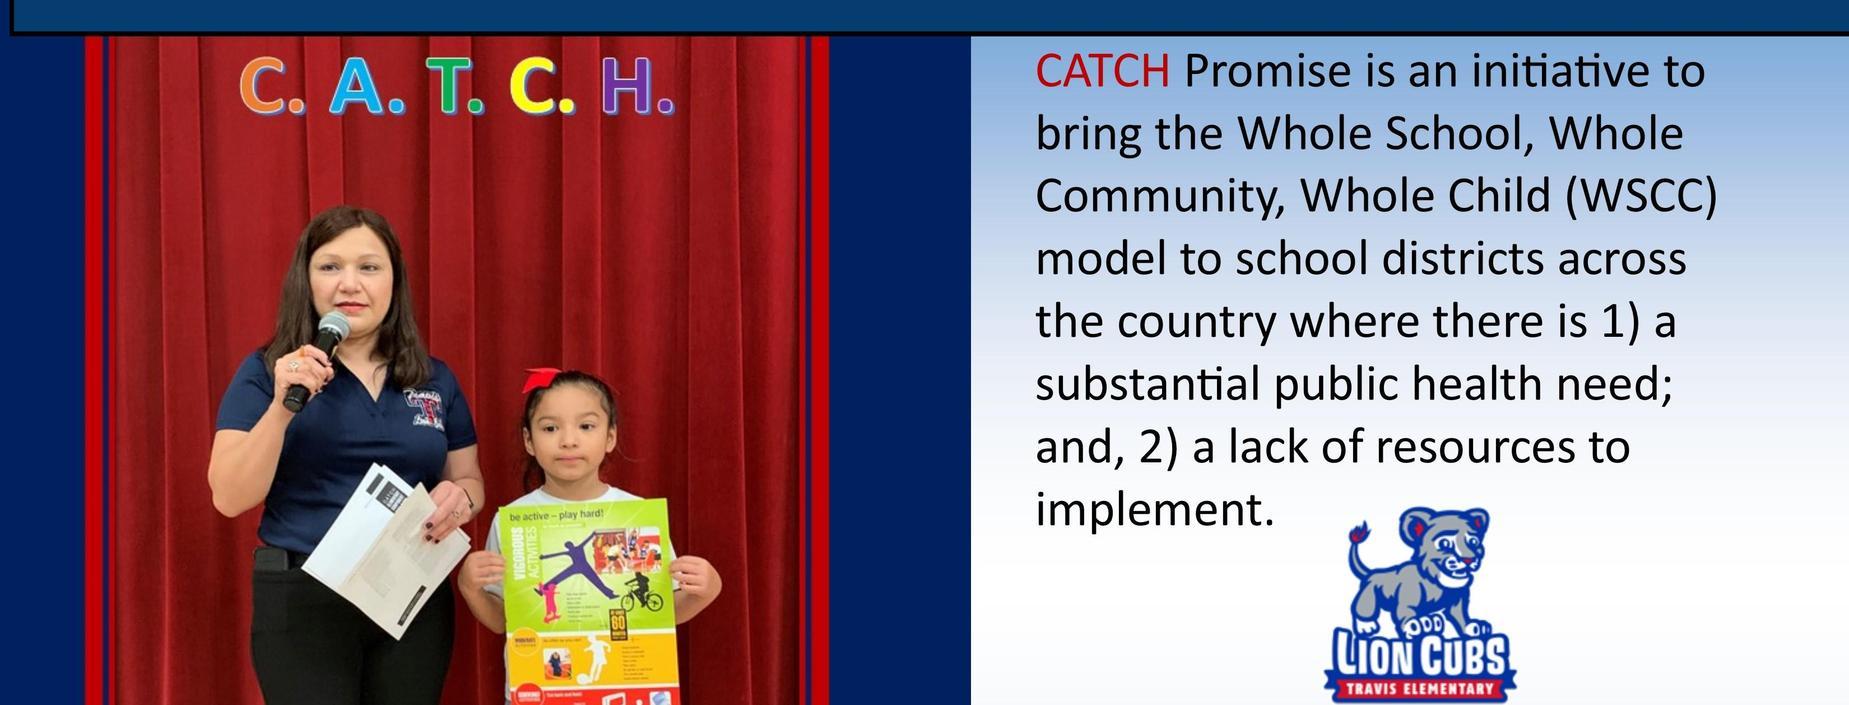 C.A.T.C.H Program